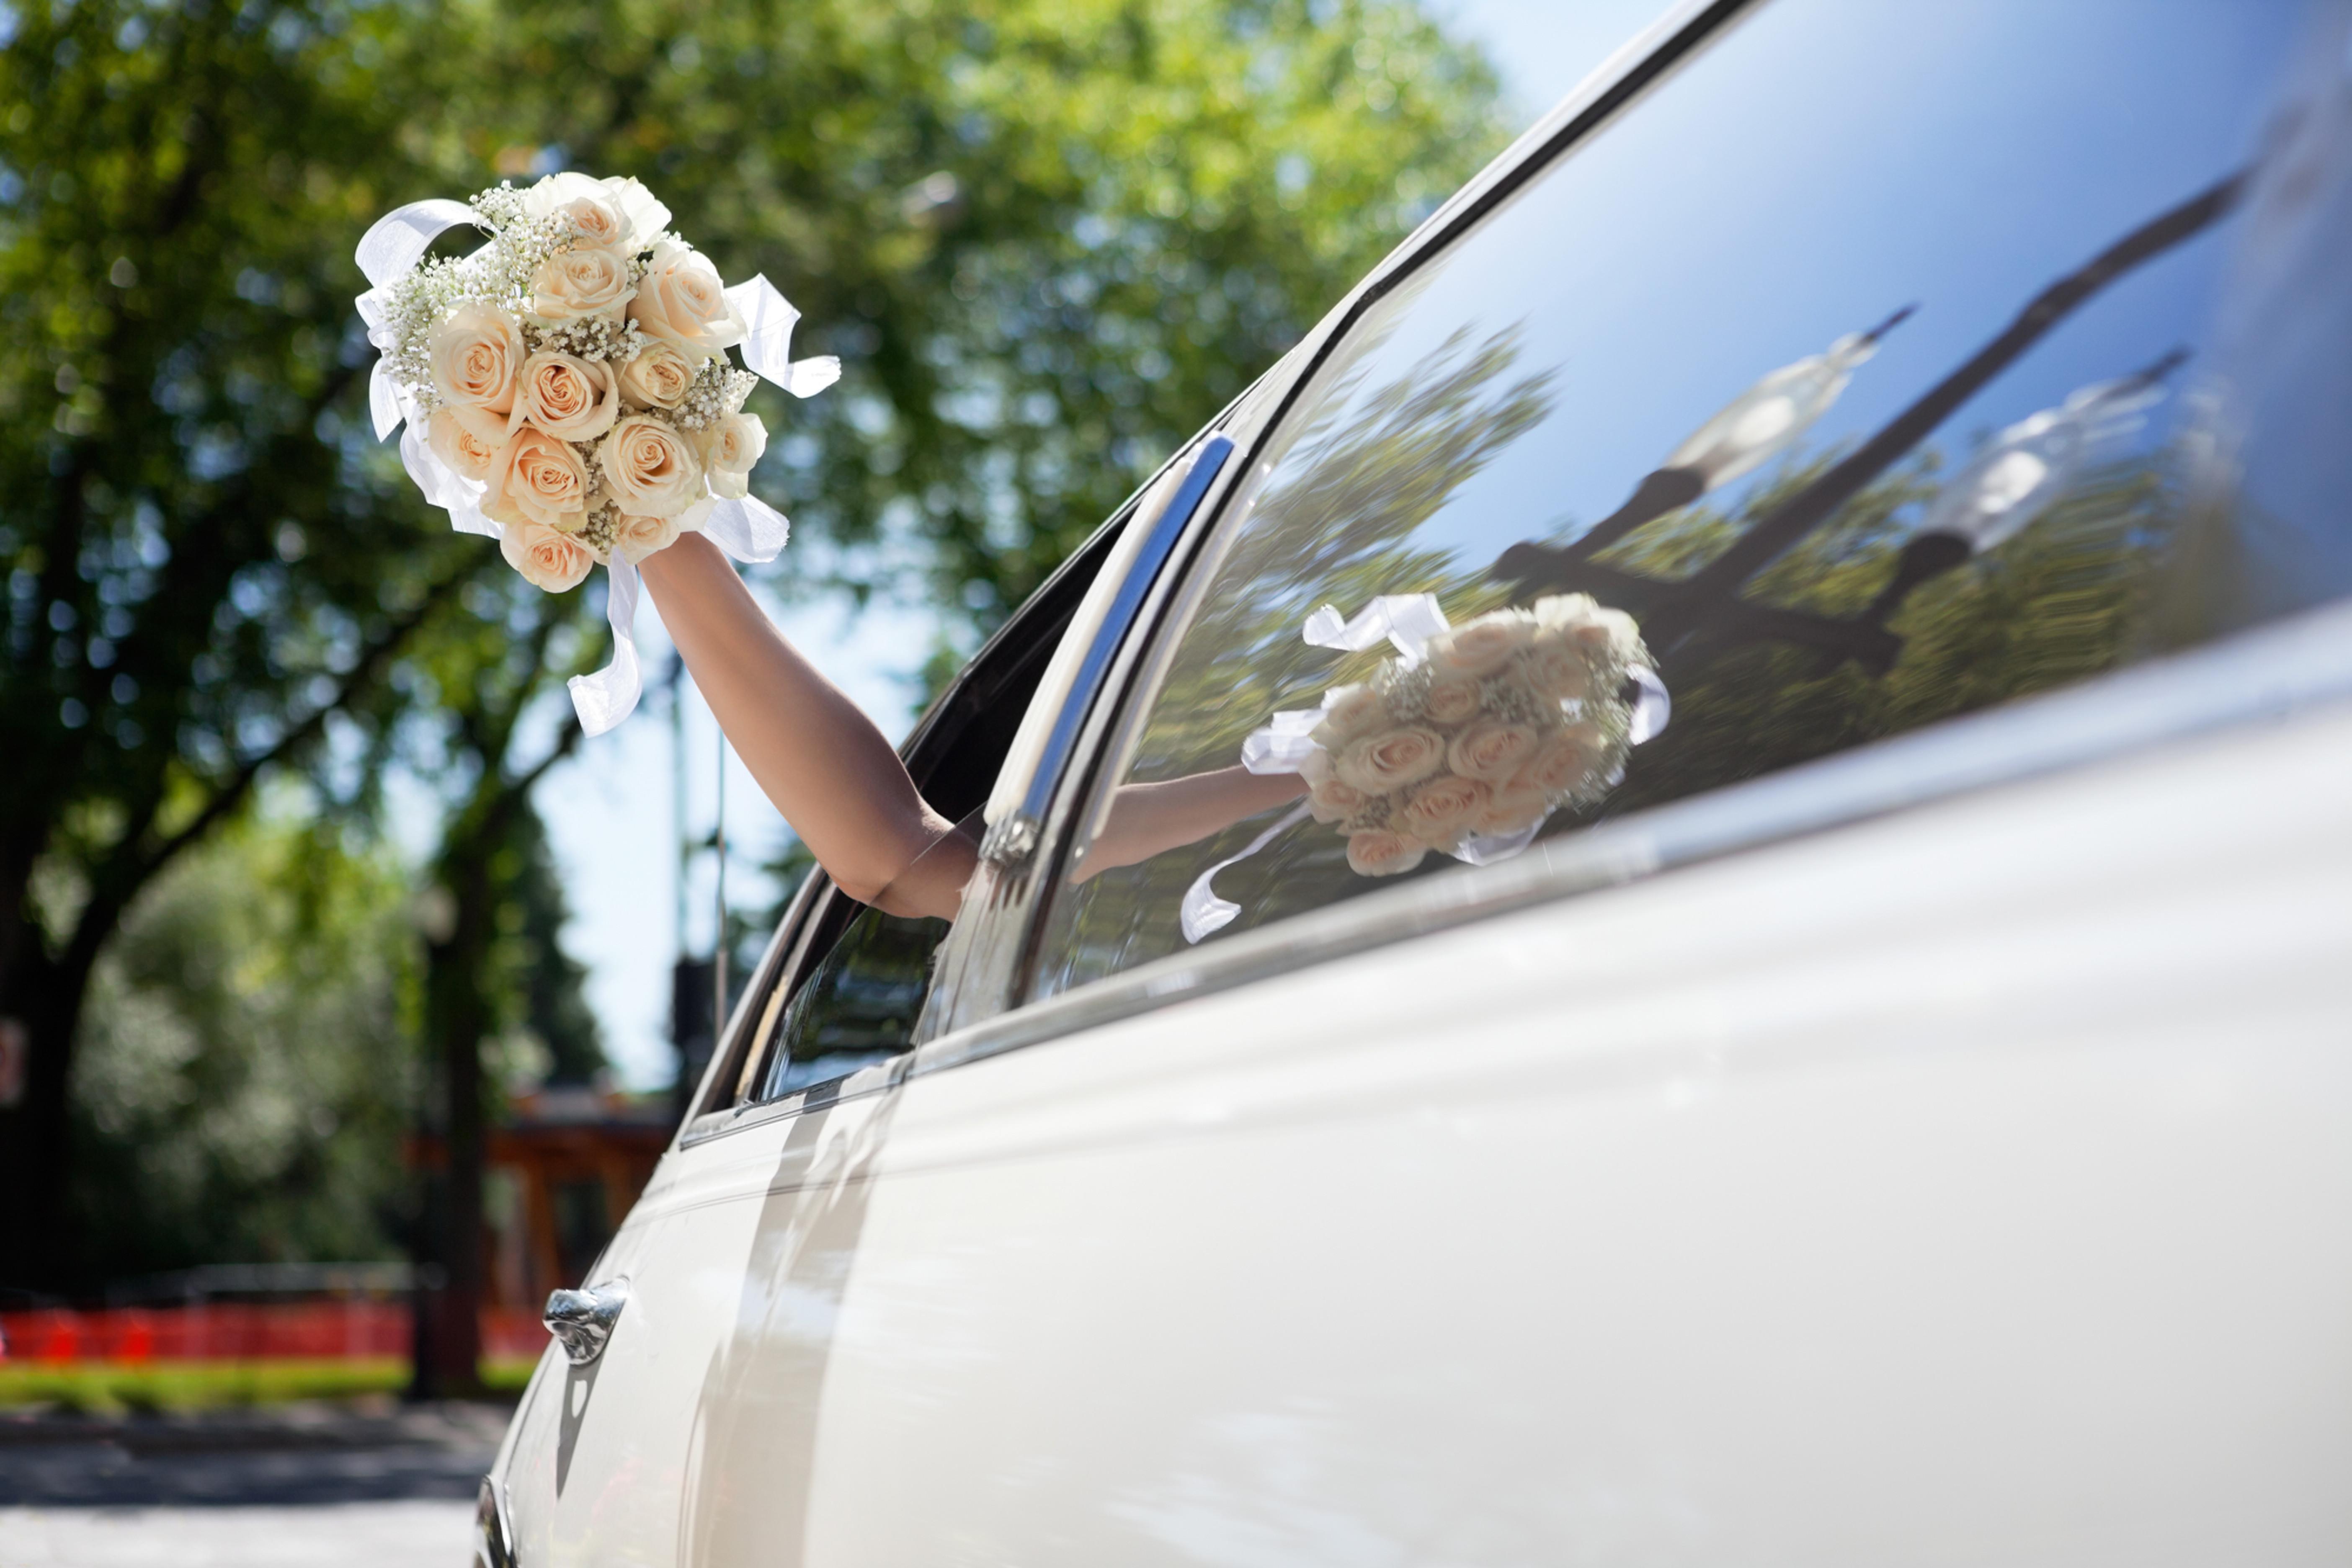 Private/Wedding hire